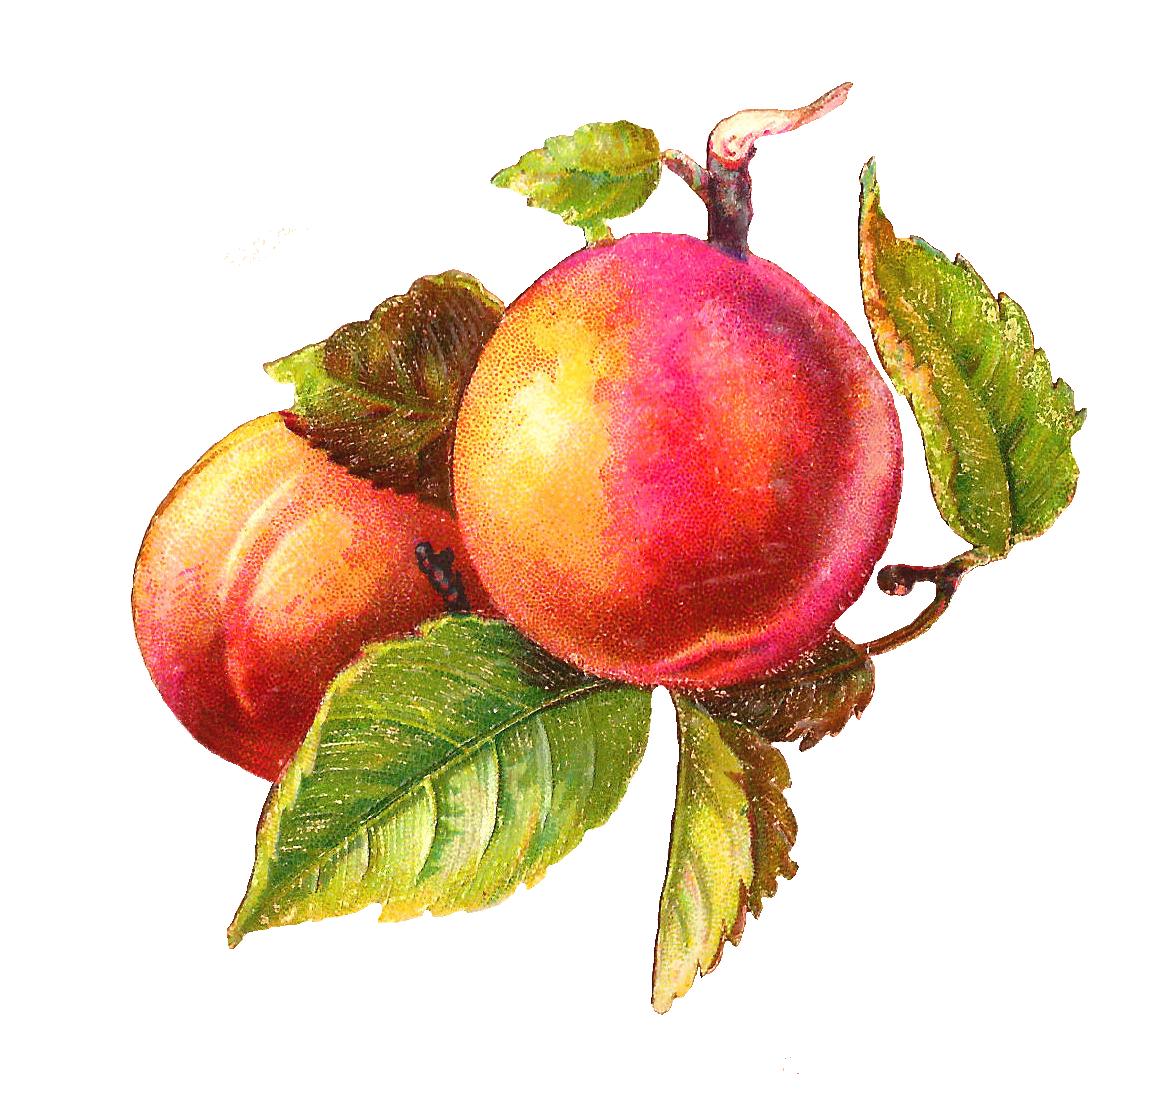 Peach clipart plum Free Images Clipart peach%20clipart Peach